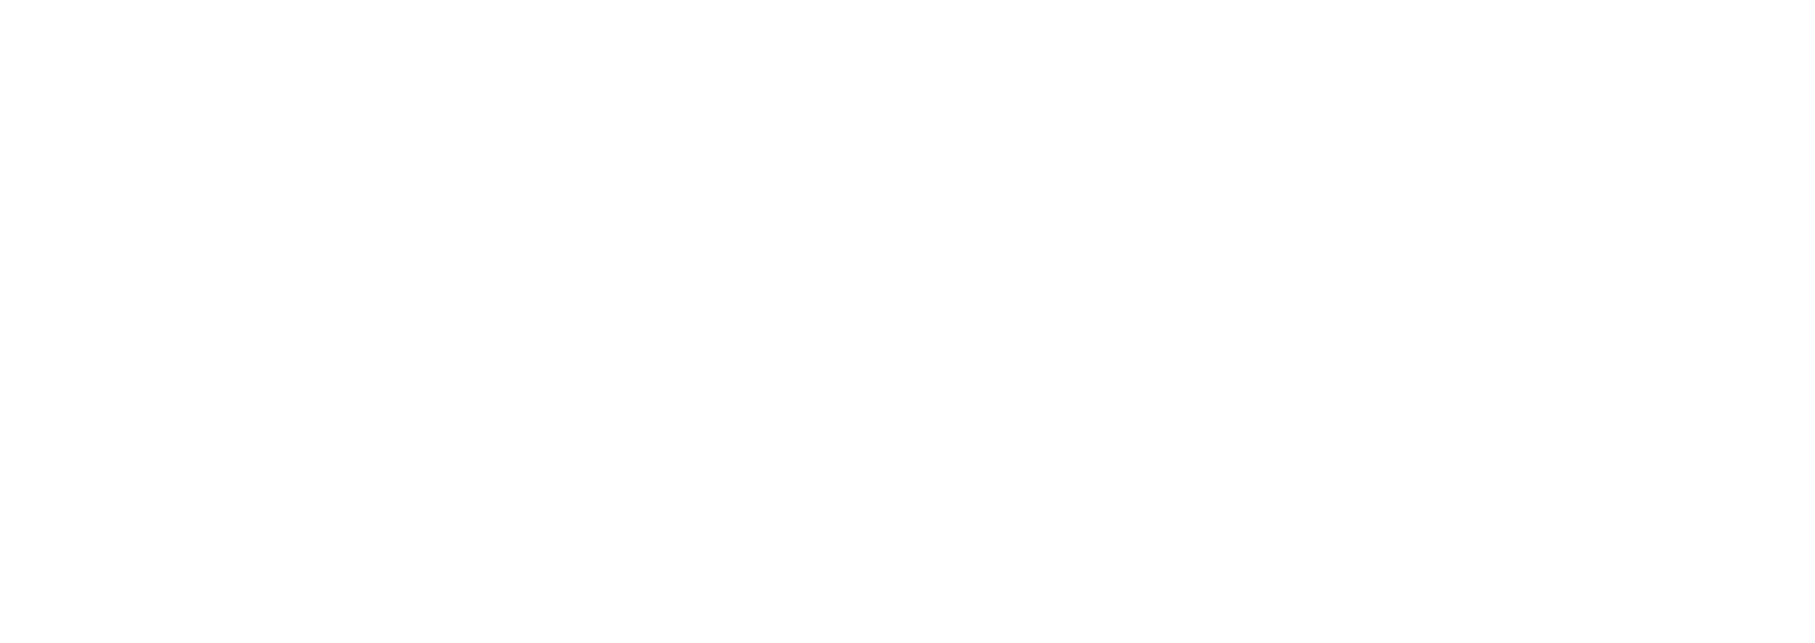 Flottenregister : Drake Logo